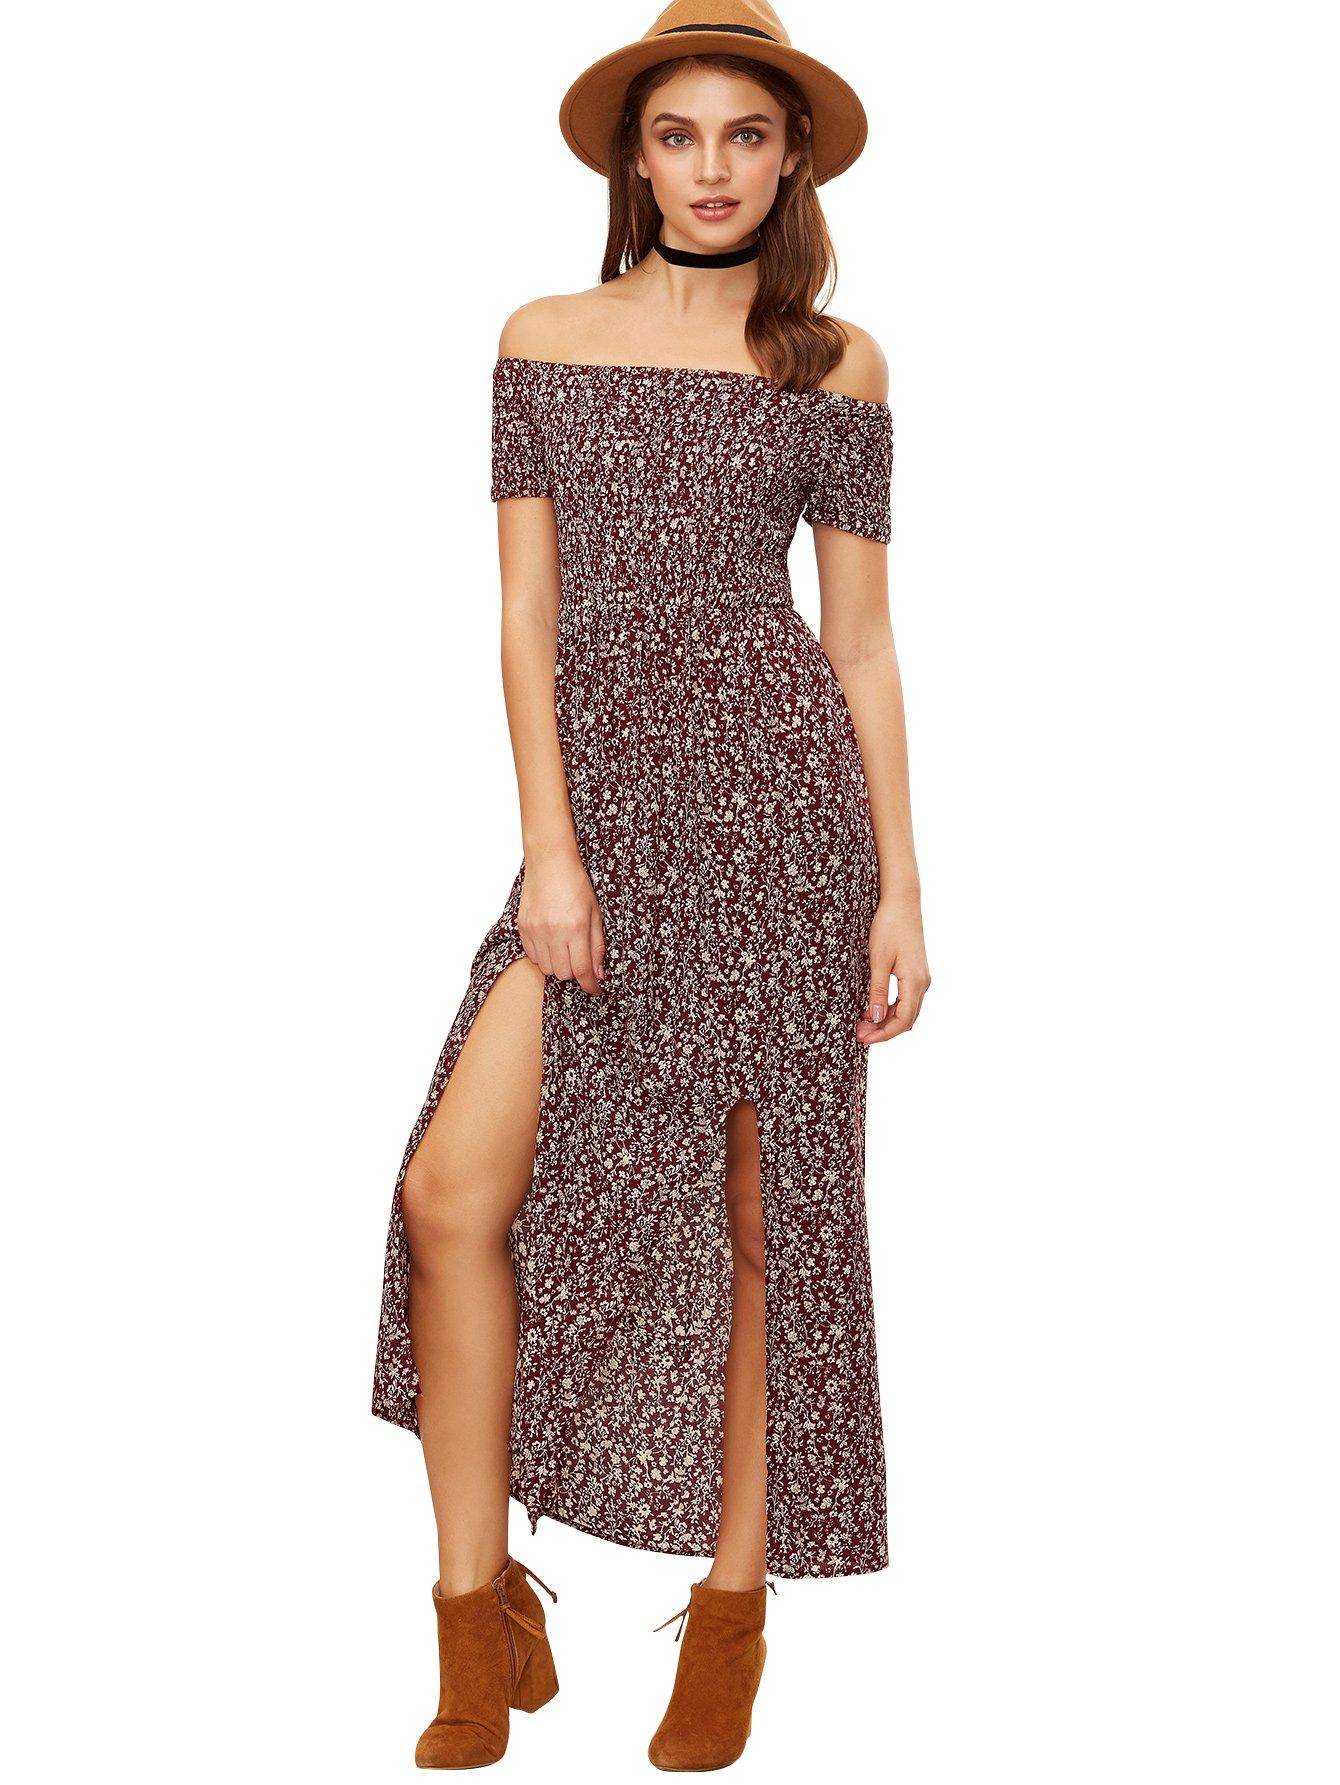 067d45b0d5eb4 Romwe Floral Maxi Dress Bohemian Print Off Shoulder Summer Beach Dress